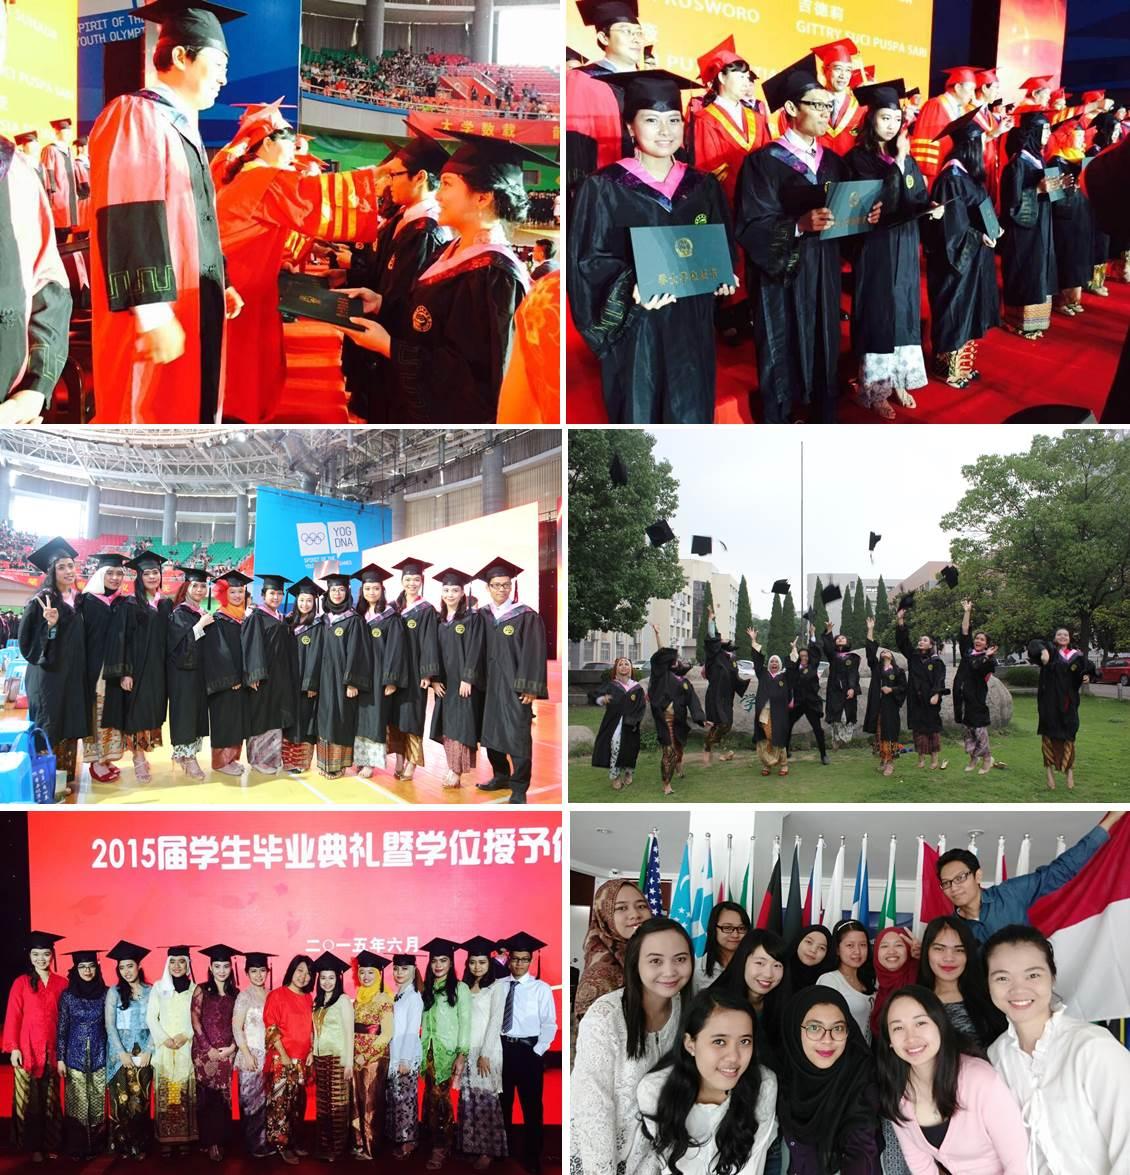 Selamat dan Sukses Kepada 12 Mahasiswa Universitas Esa Unggul Lulus Double Degree Nanjing Xiaozhuang University, China